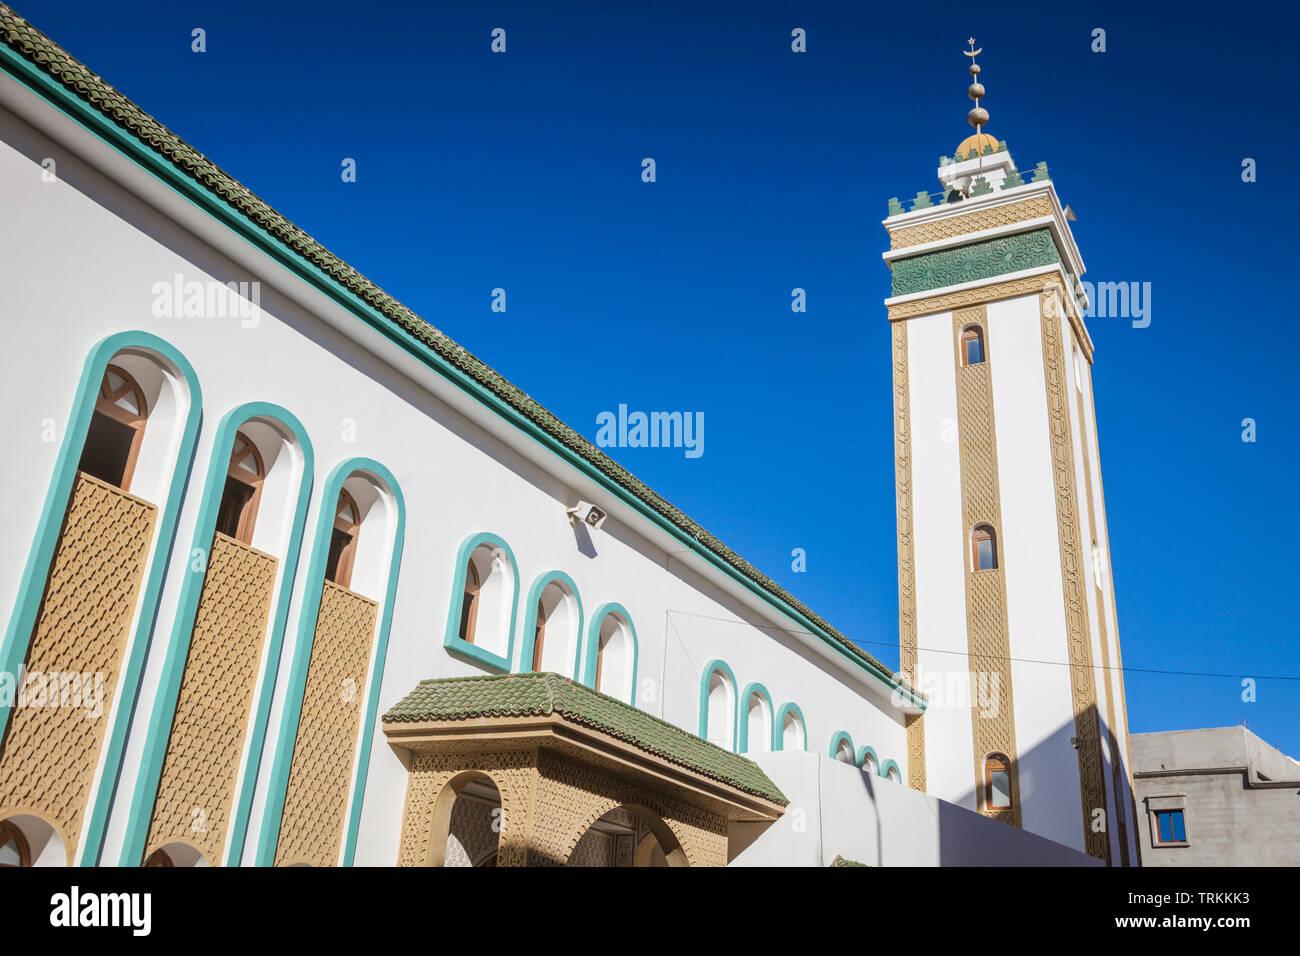 Mosque in Dakhla. Dakhla, Western Sahara, Morocco. - Stock Image